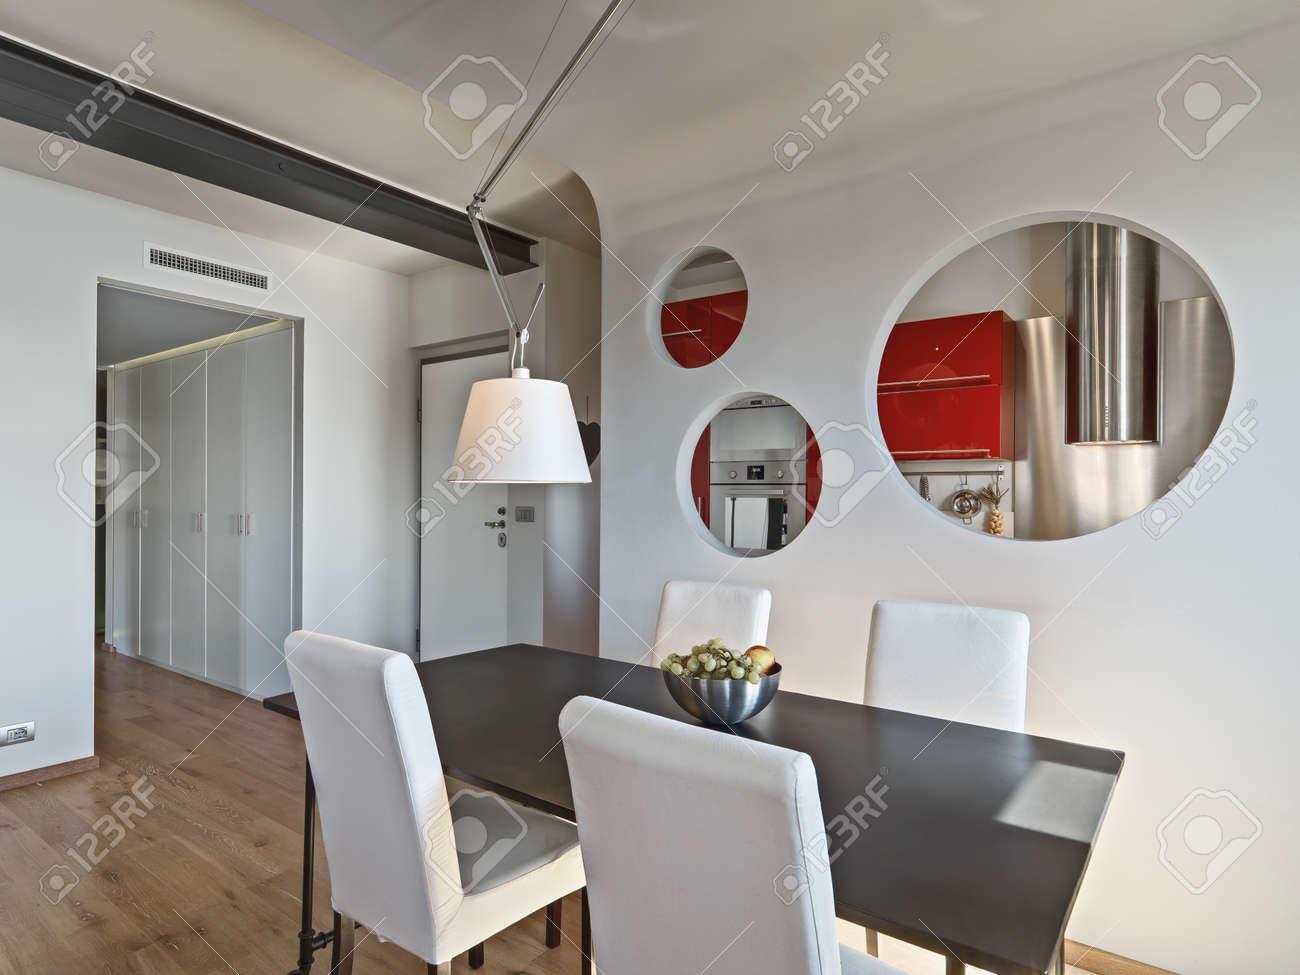 Salotto Moderno Legno : Primo piano del moderno tavolo da pranzo con lampadario in salotto